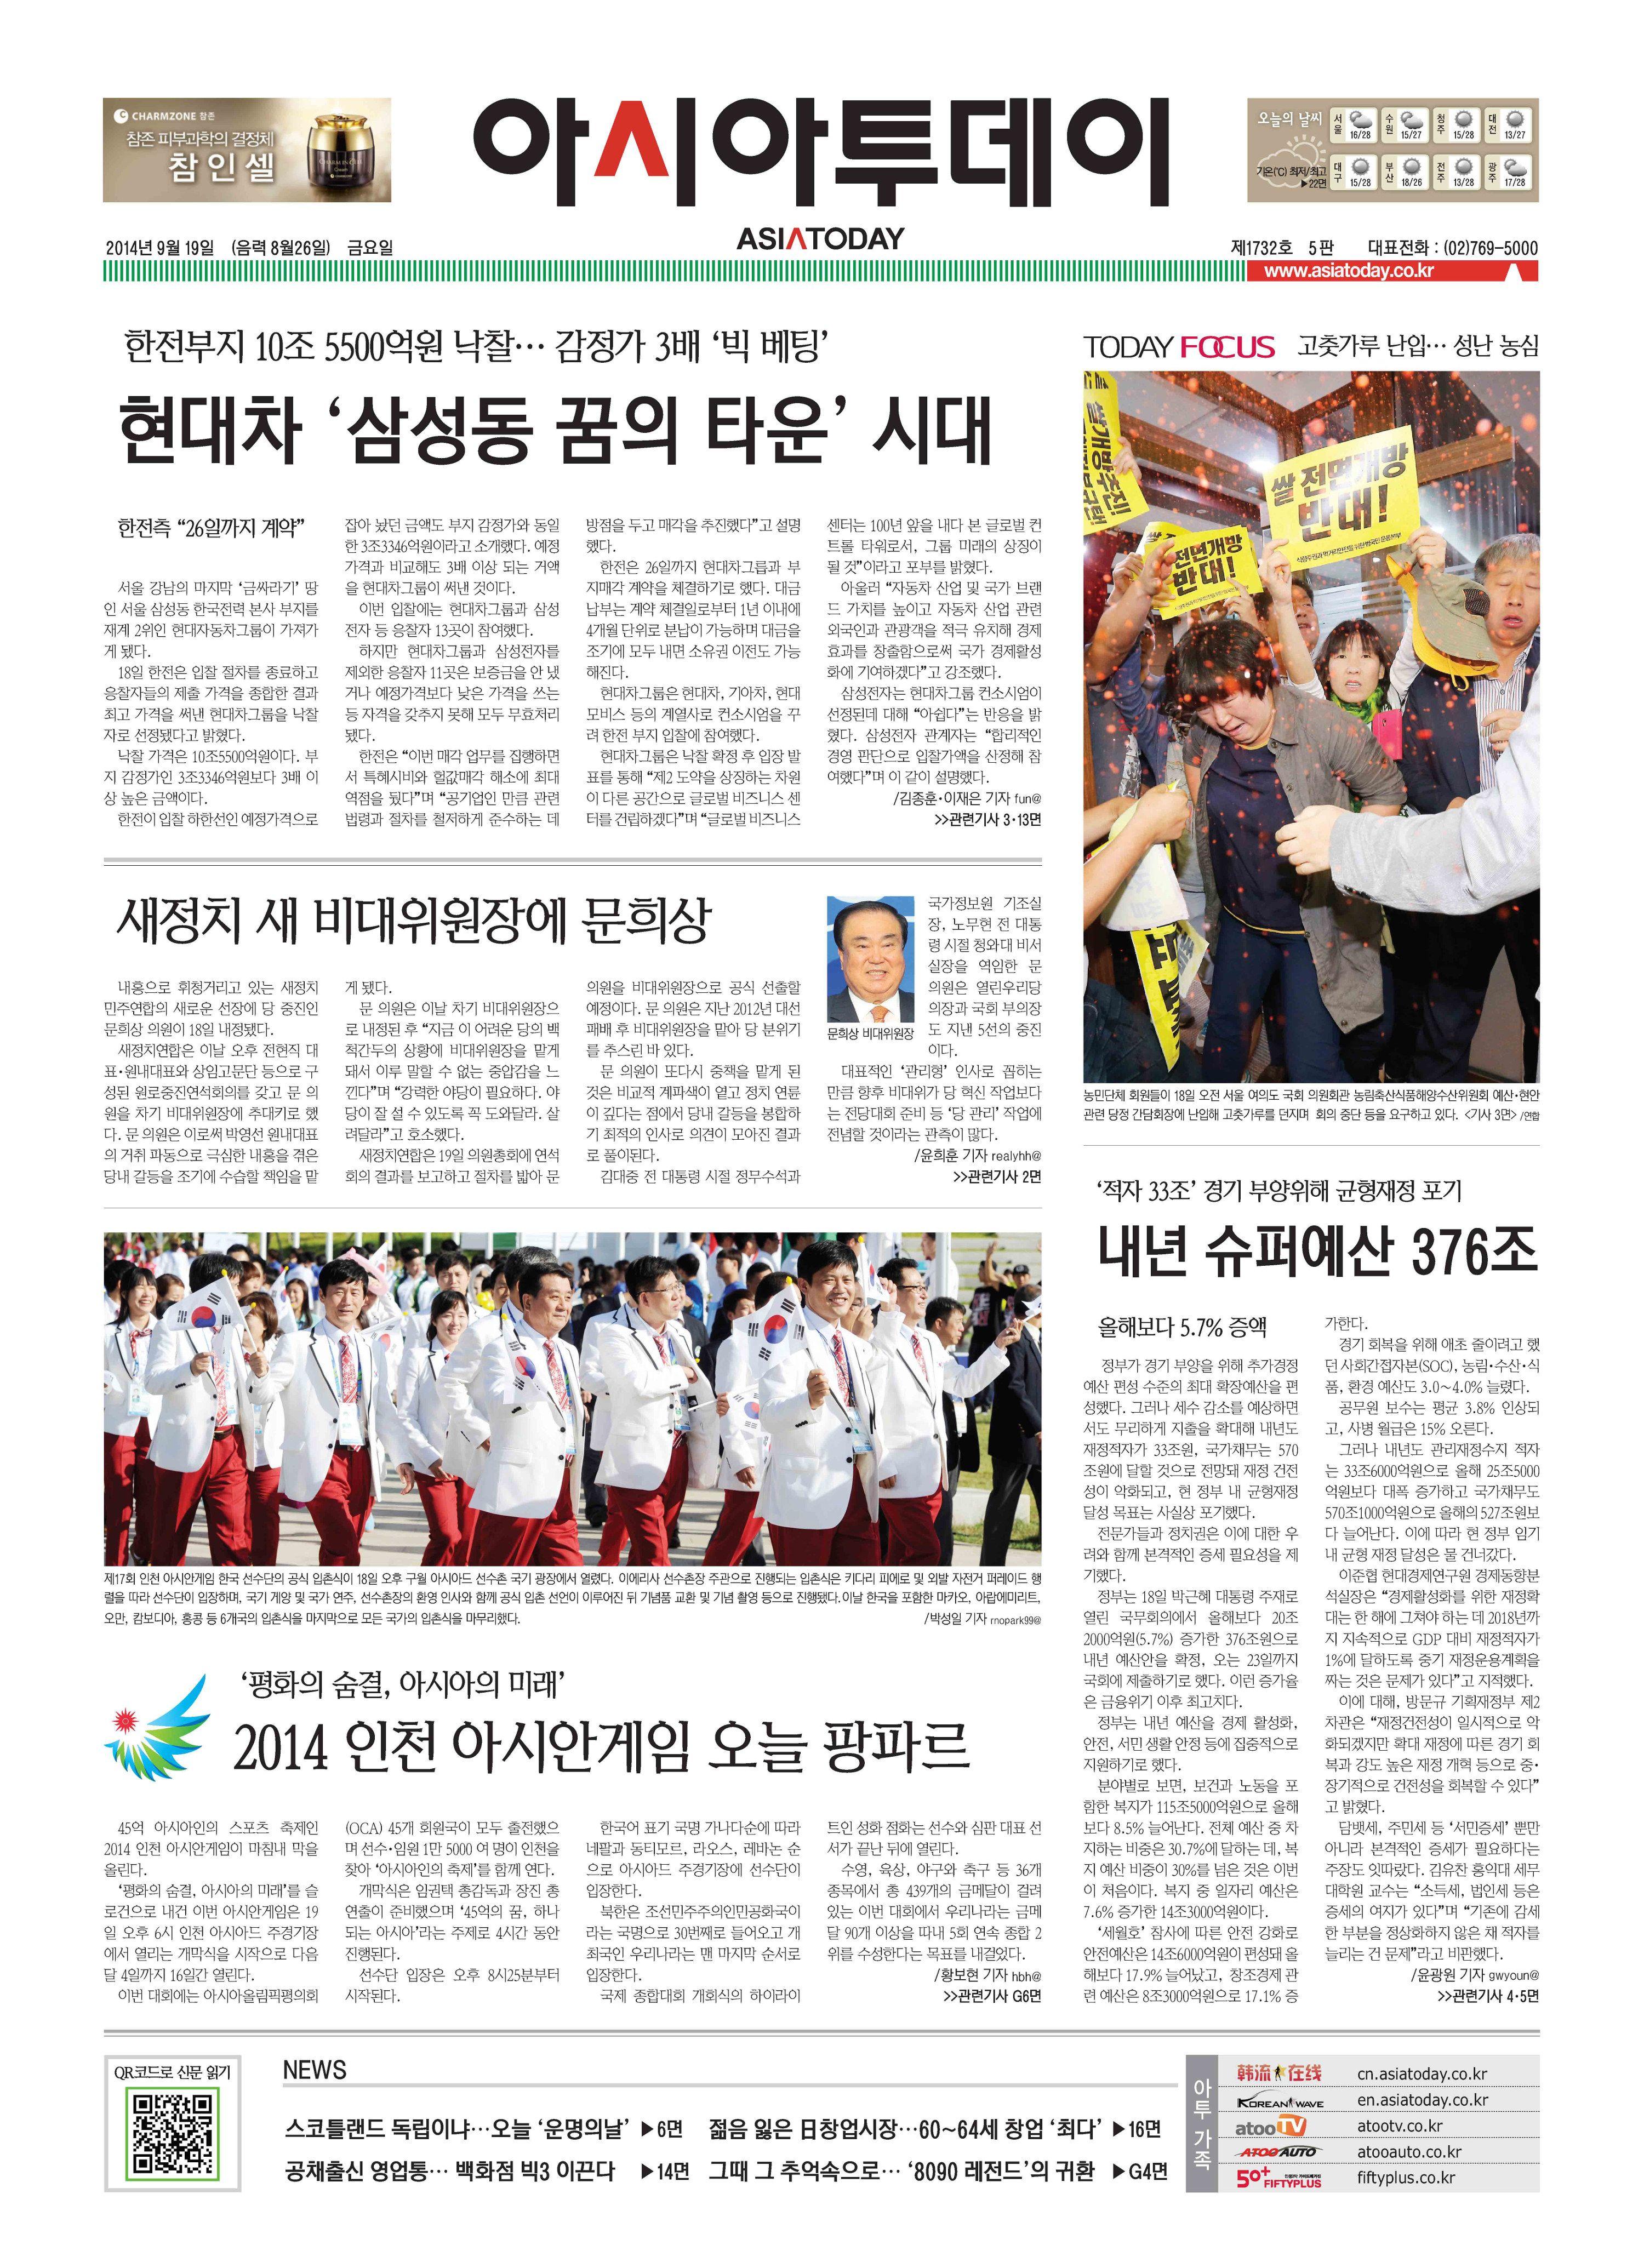 아시아투데이 ASIATODAY 1면. 20140919 (금)